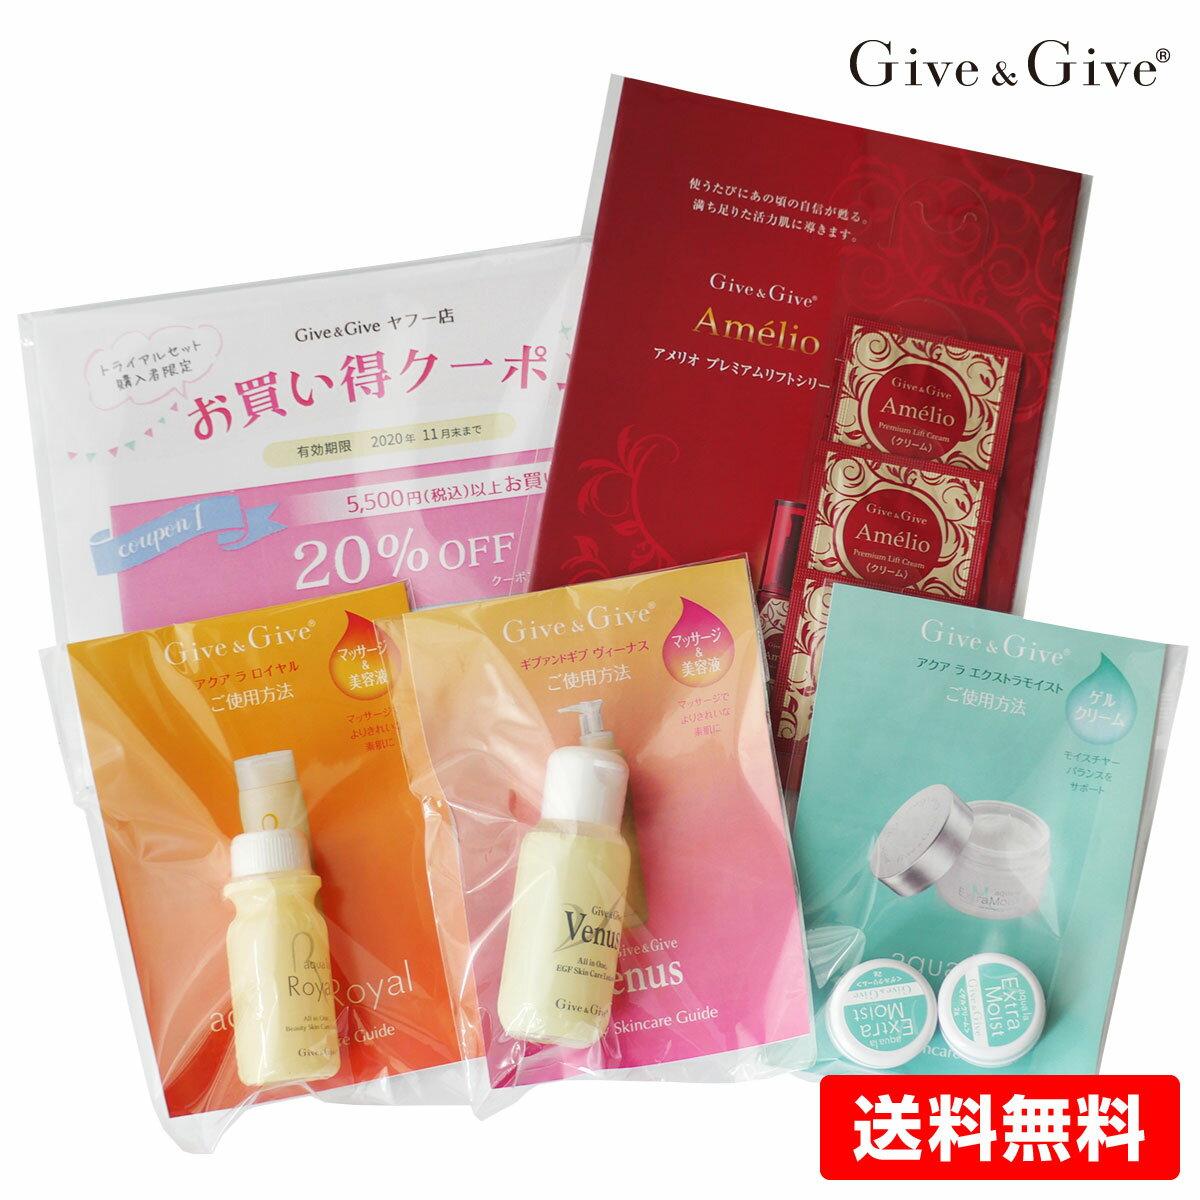 スキンケア, セット 6 GiveGive 16